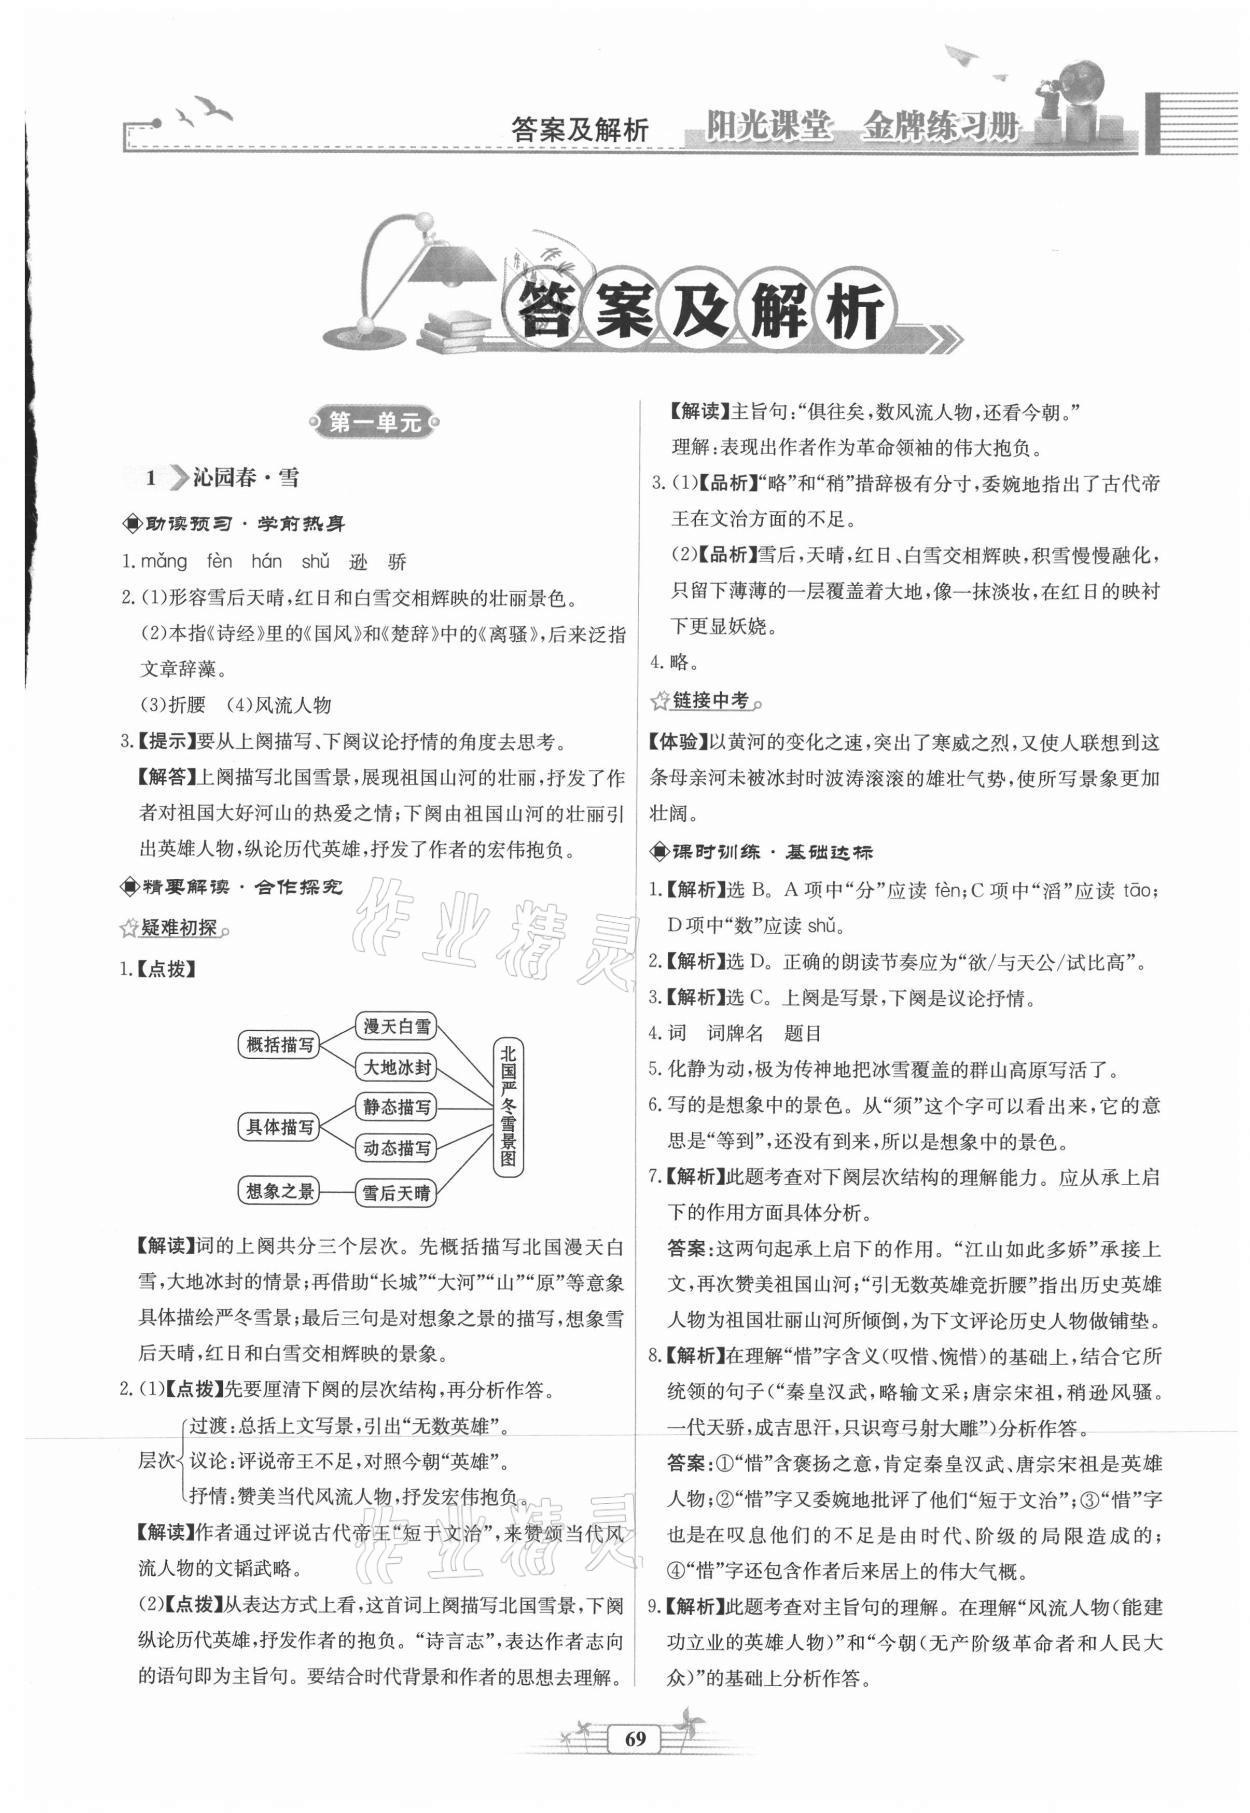 2021年阳光课堂金牌练习册九年级语文上册人教版福建专版第1页